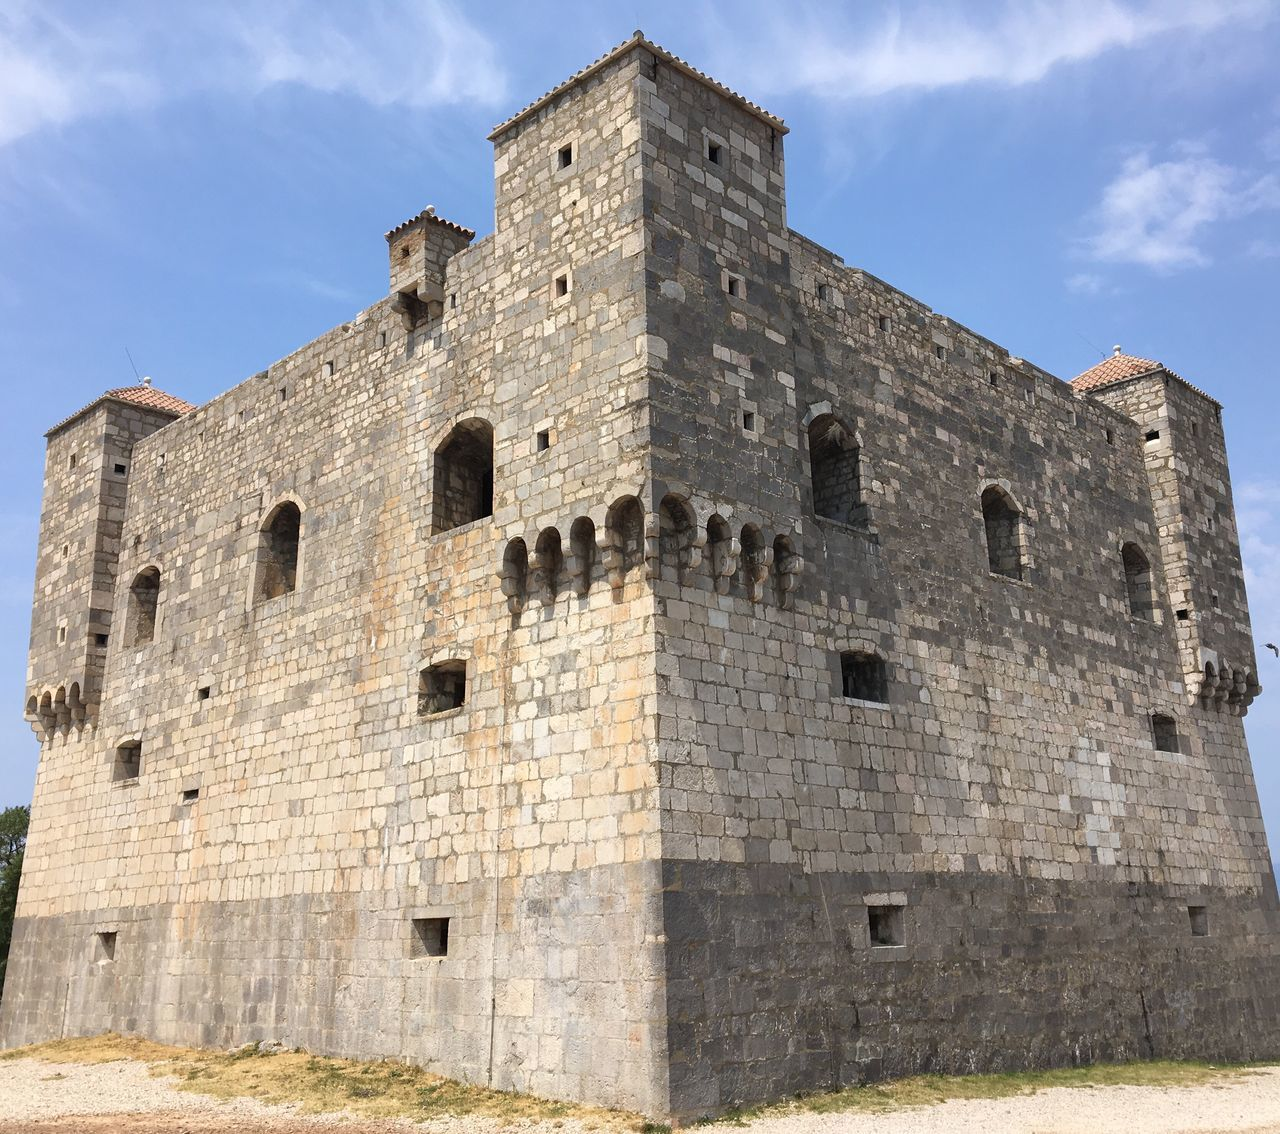 In Senj, Croatia. View of Tvrđava Nehaj (Nehaj Fortress )